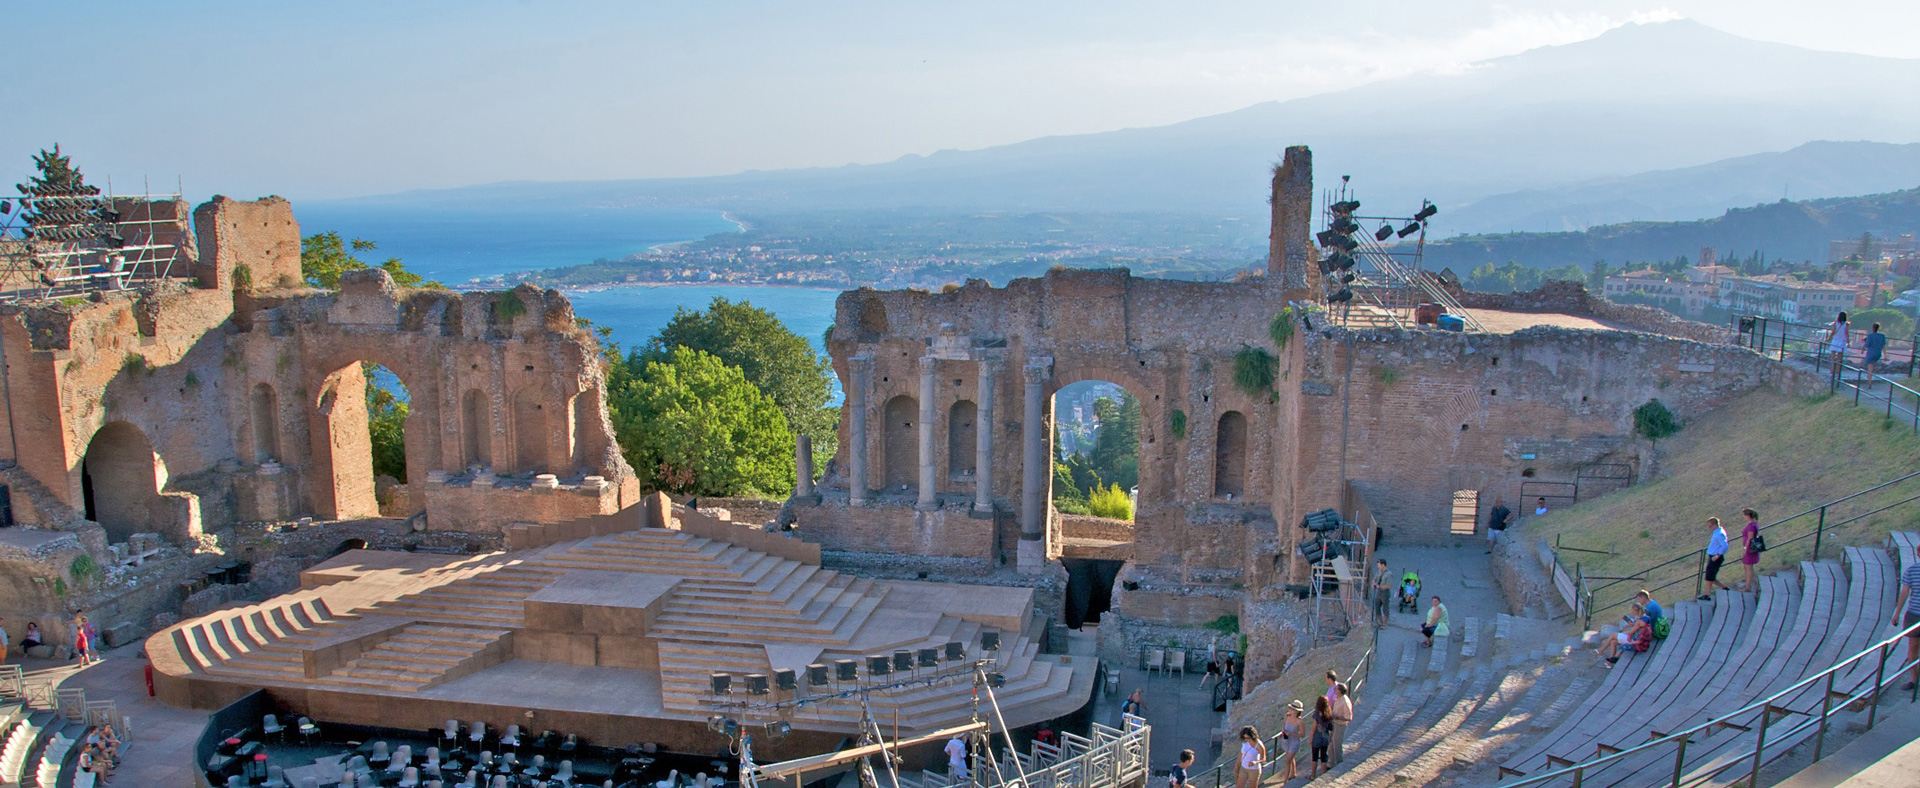 Vakantie met boot: Taormina